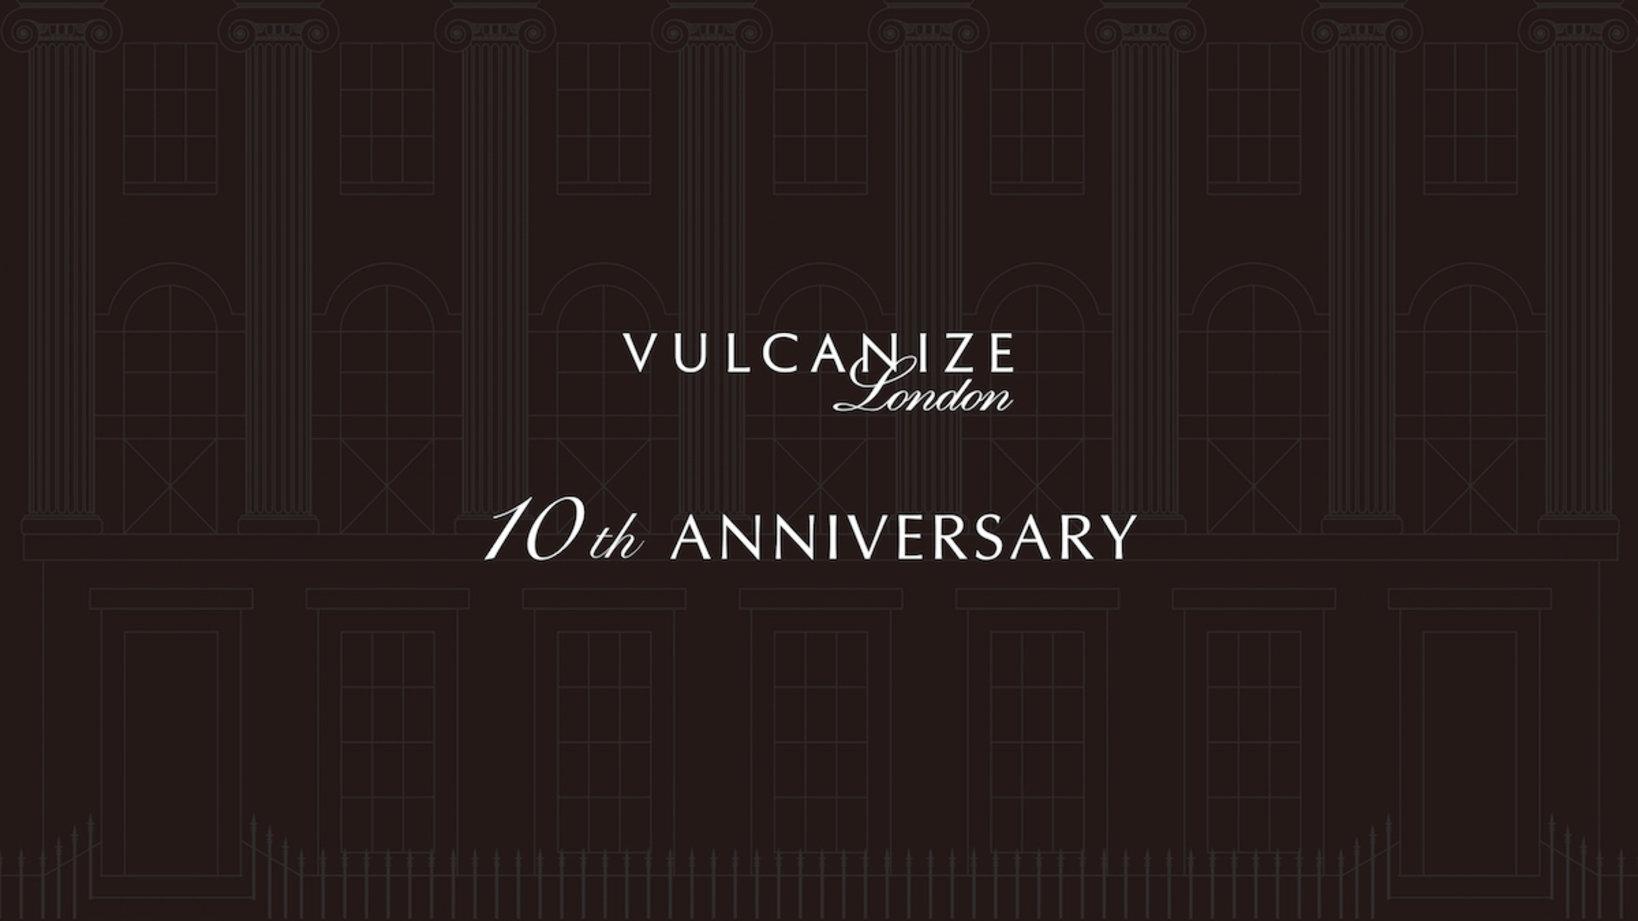 ヴァルカナイズ・ロンドン 10周年記念特設ページ https://www.vulcanize.jp/lifestyle/vulcanize-london-10th-anniversary-2/